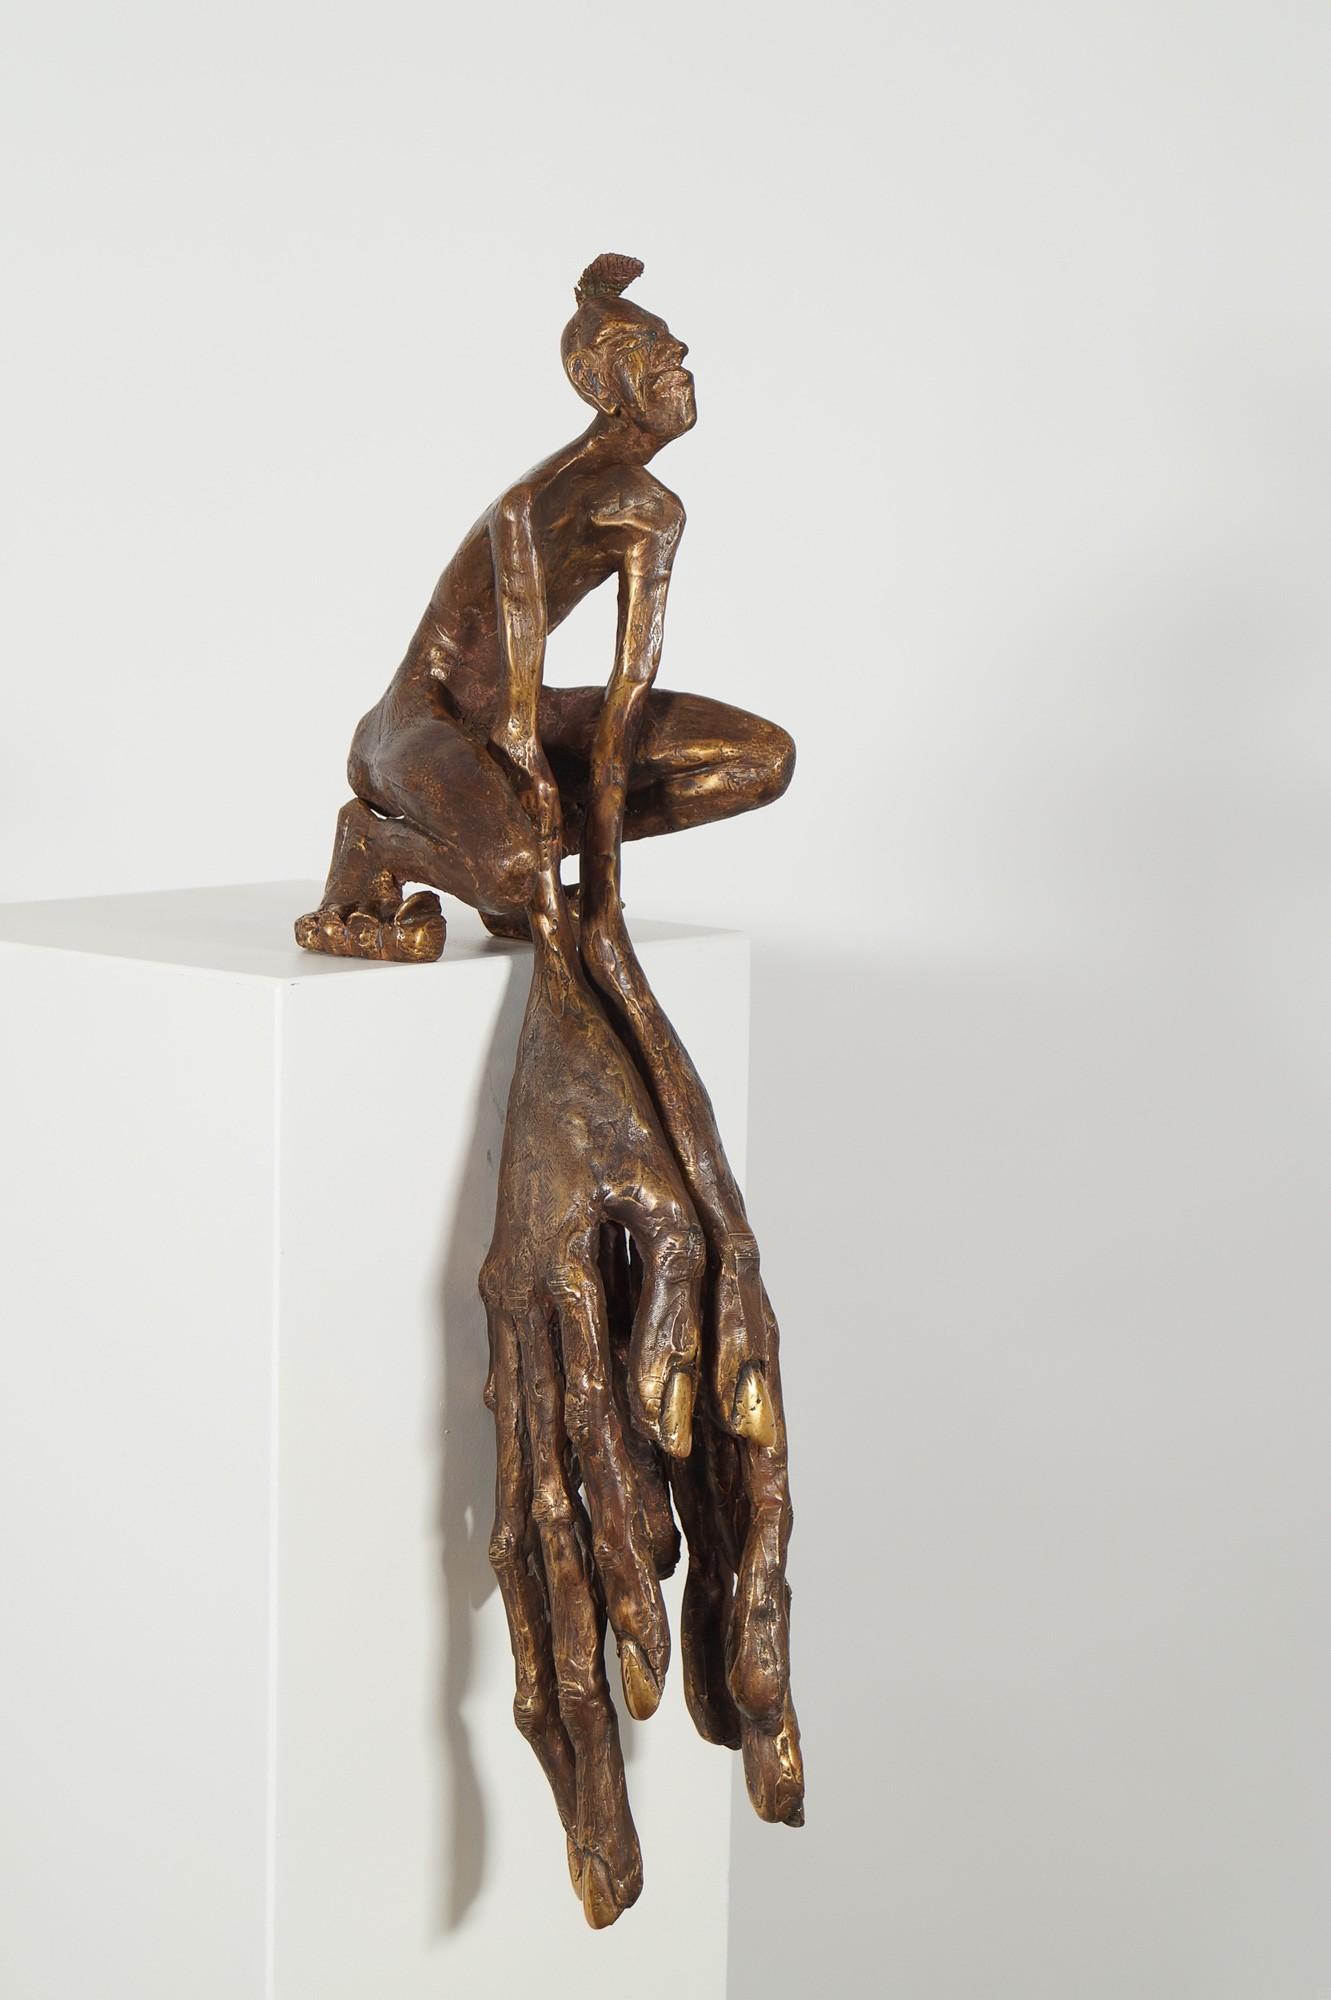 Der Kantenhocker - seiltich von rechts, Bronze Plastik, Skulptur von Tim David Trillsam, Edition